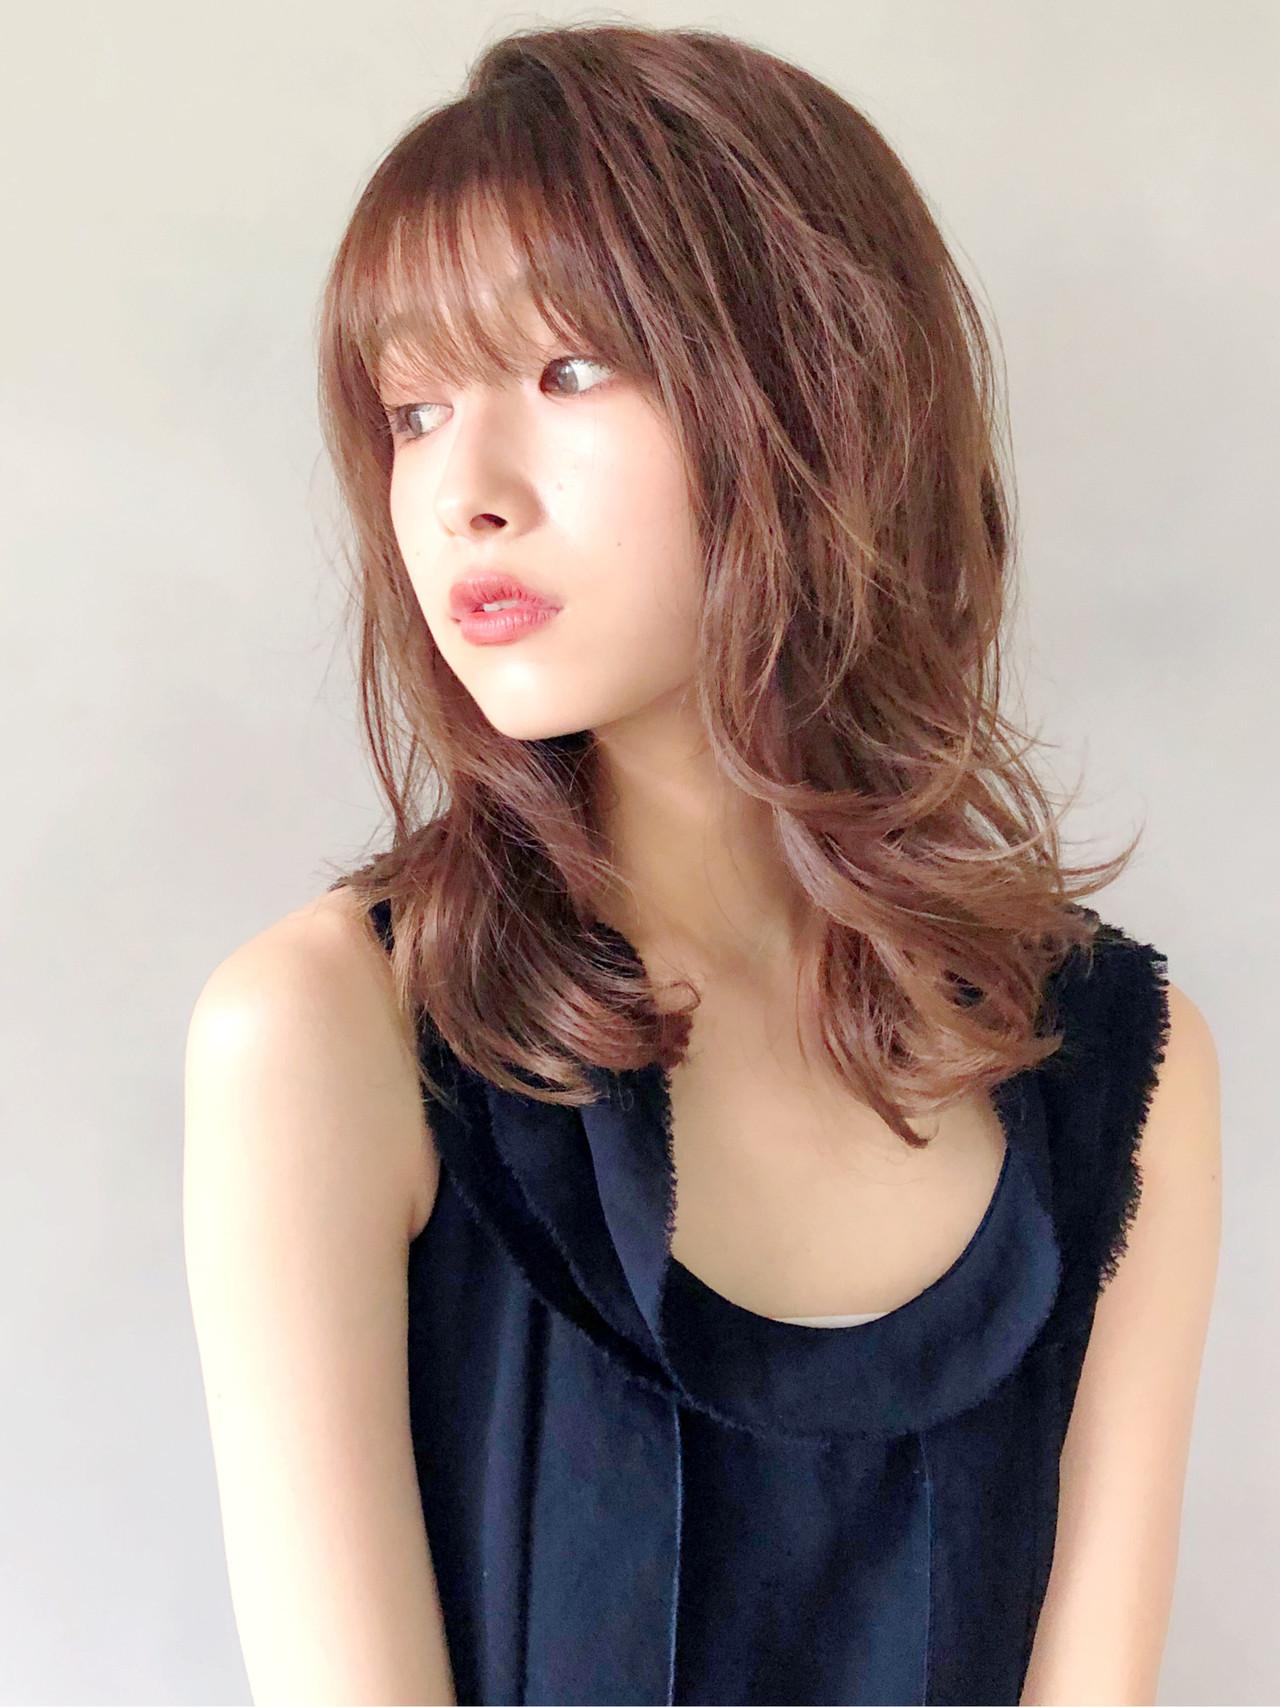 ゆるふわパーマ ミディアムレイヤー アンニュイほつれヘア デジタルパーマ ヘアスタイルや髪型の写真・画像